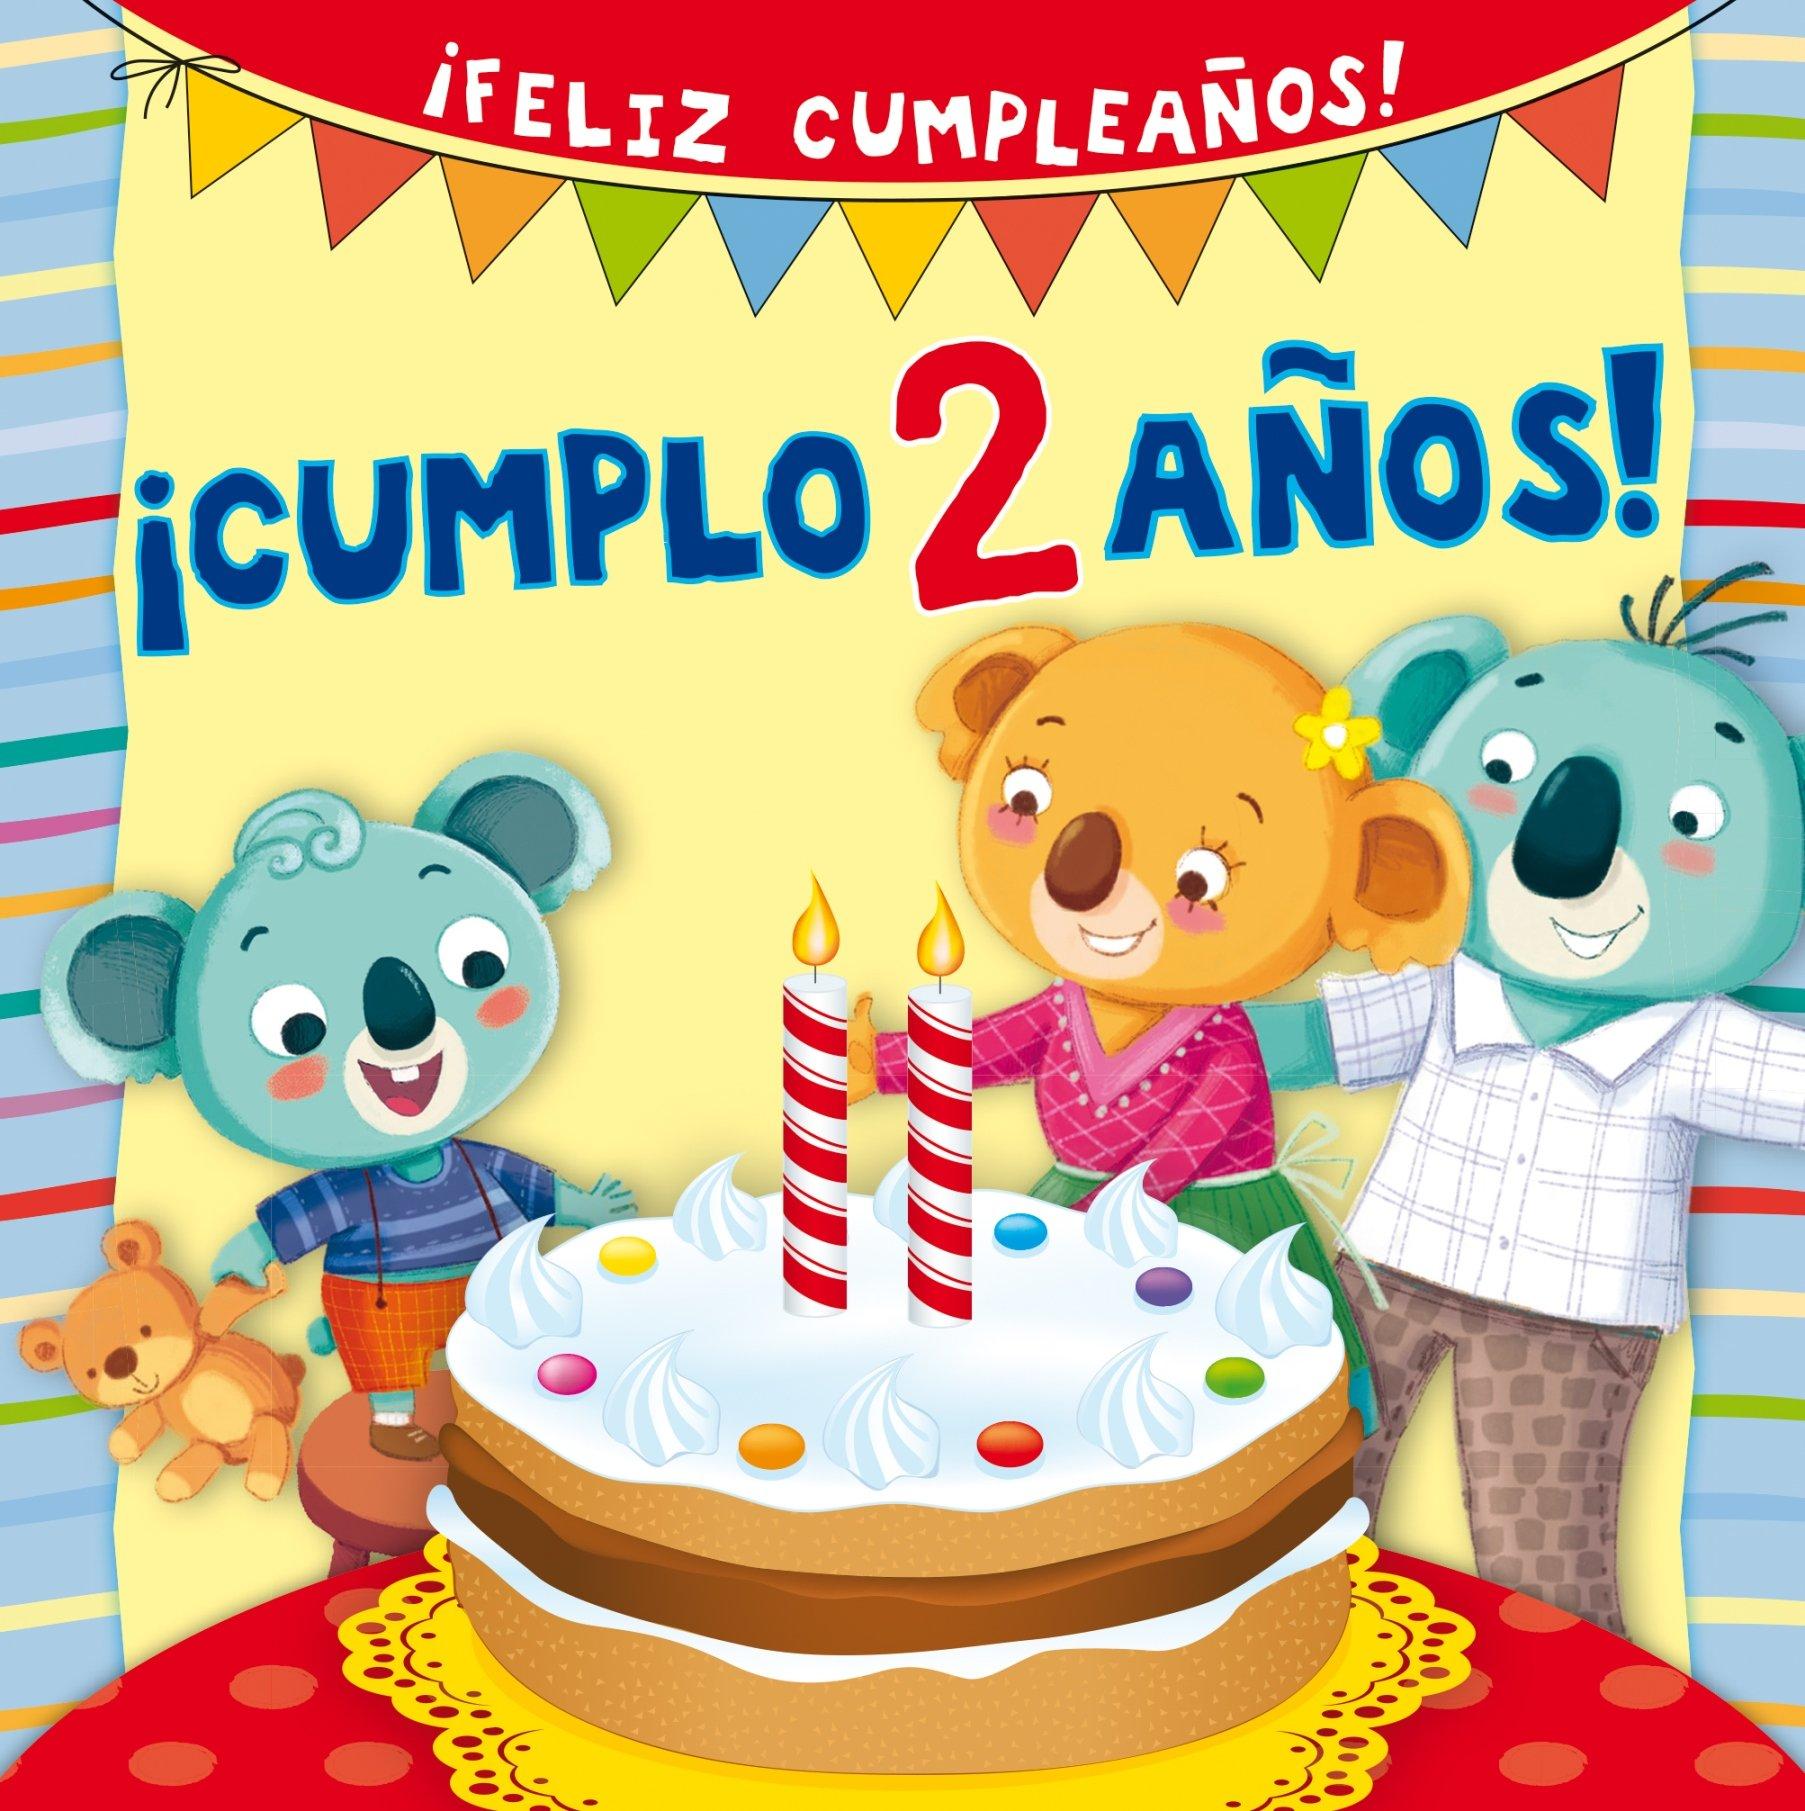 Image result for feliz cumpleanos 2